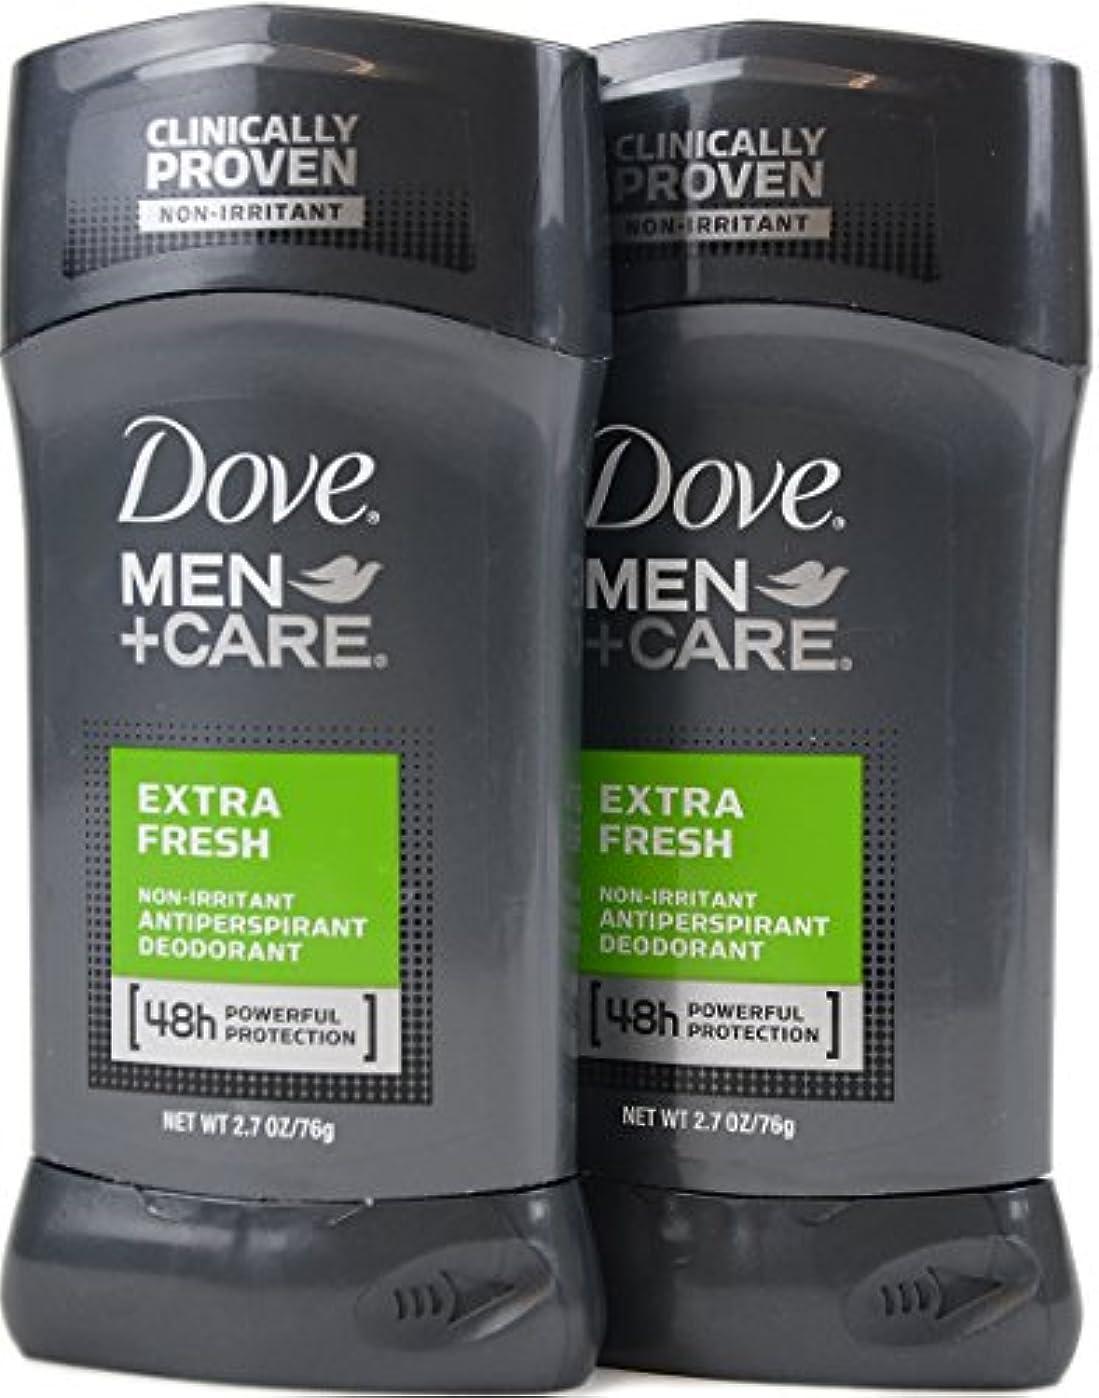 修士号虐待みがきますDove Men+Care ダヴ メンズ 固形デオドラント スティック エクストラ フレッシュ 76g×2個[並行輸入品]